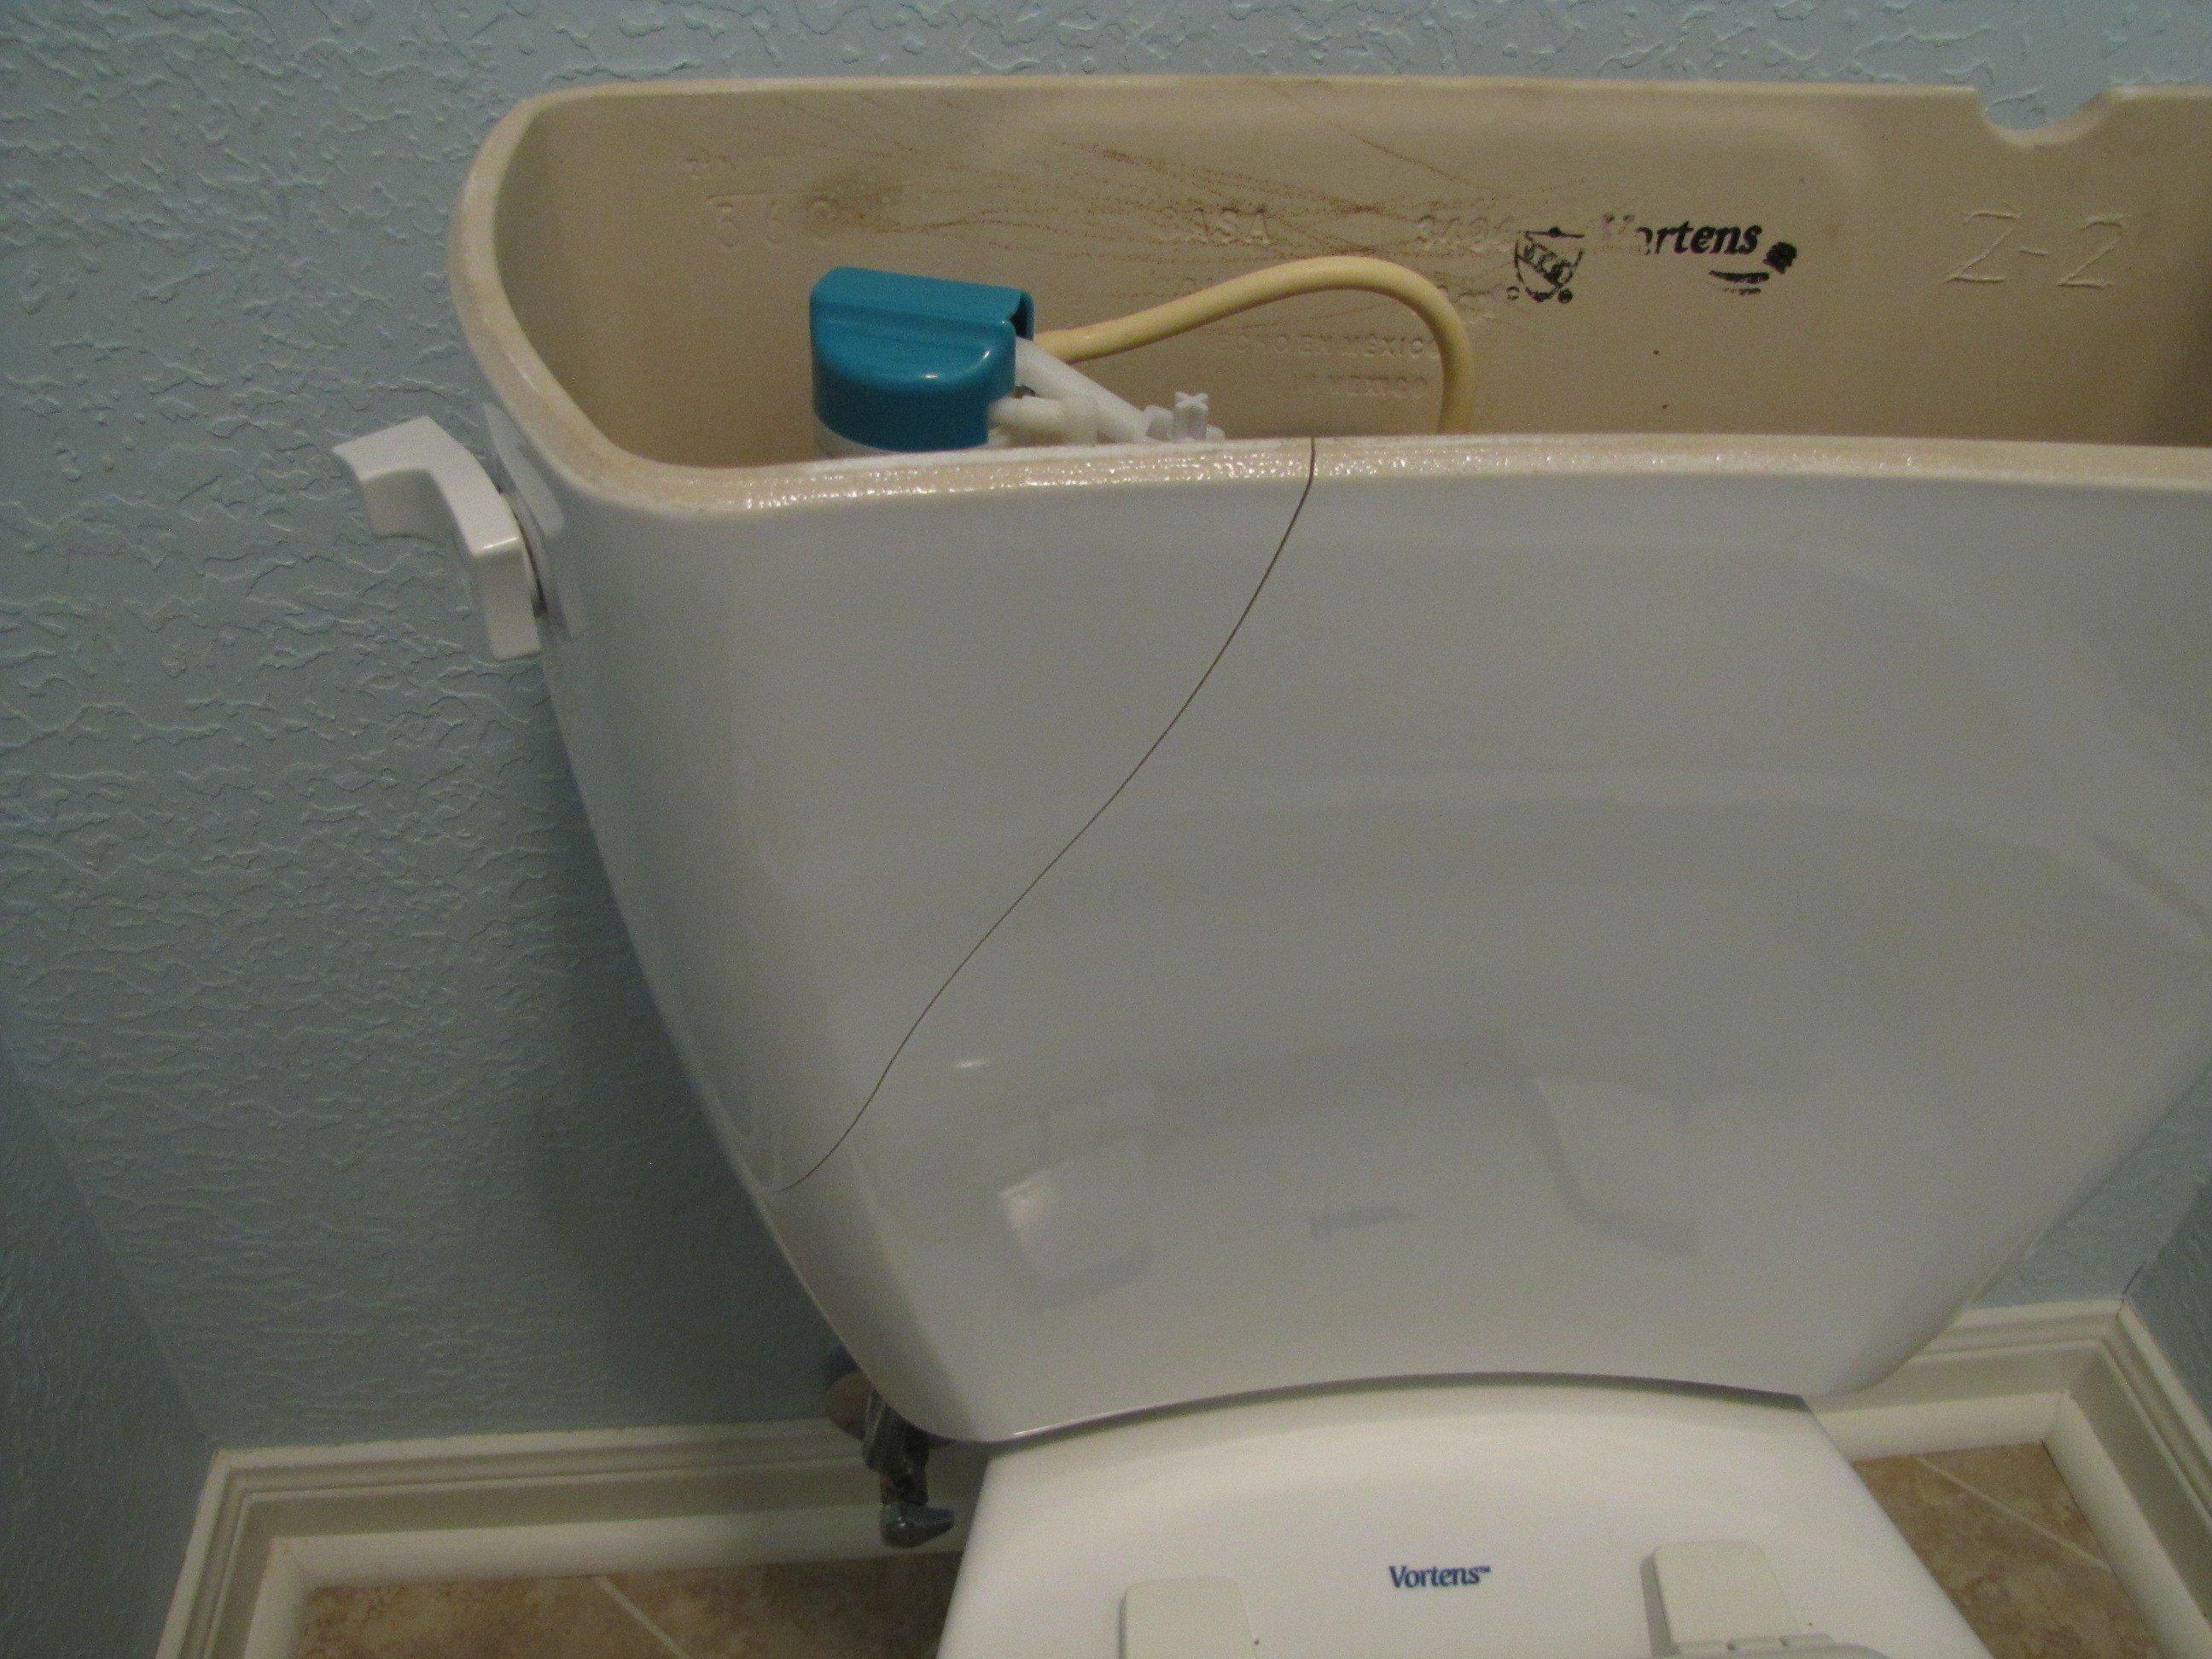 Image result for cracked vortens toilet